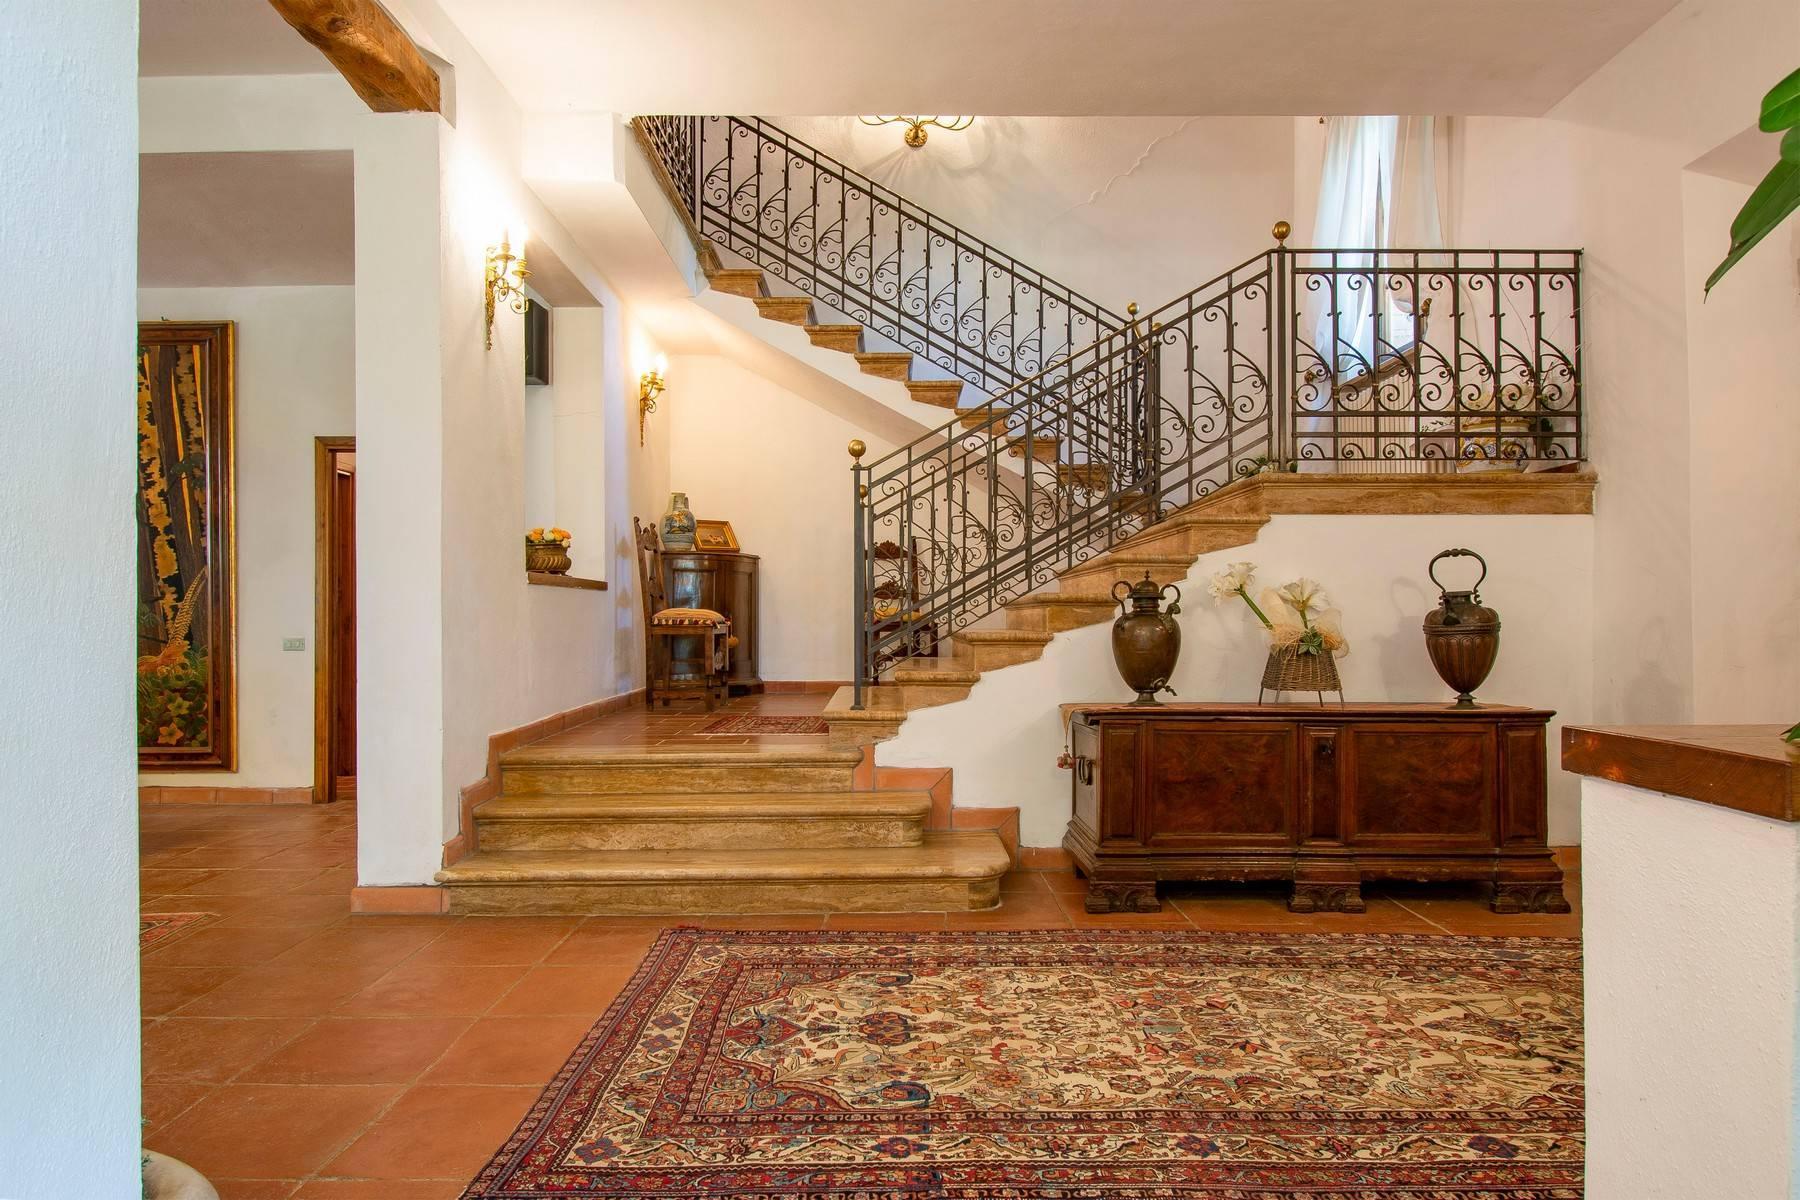 Esclusive wine estate in the heart of Chianti classico - 9